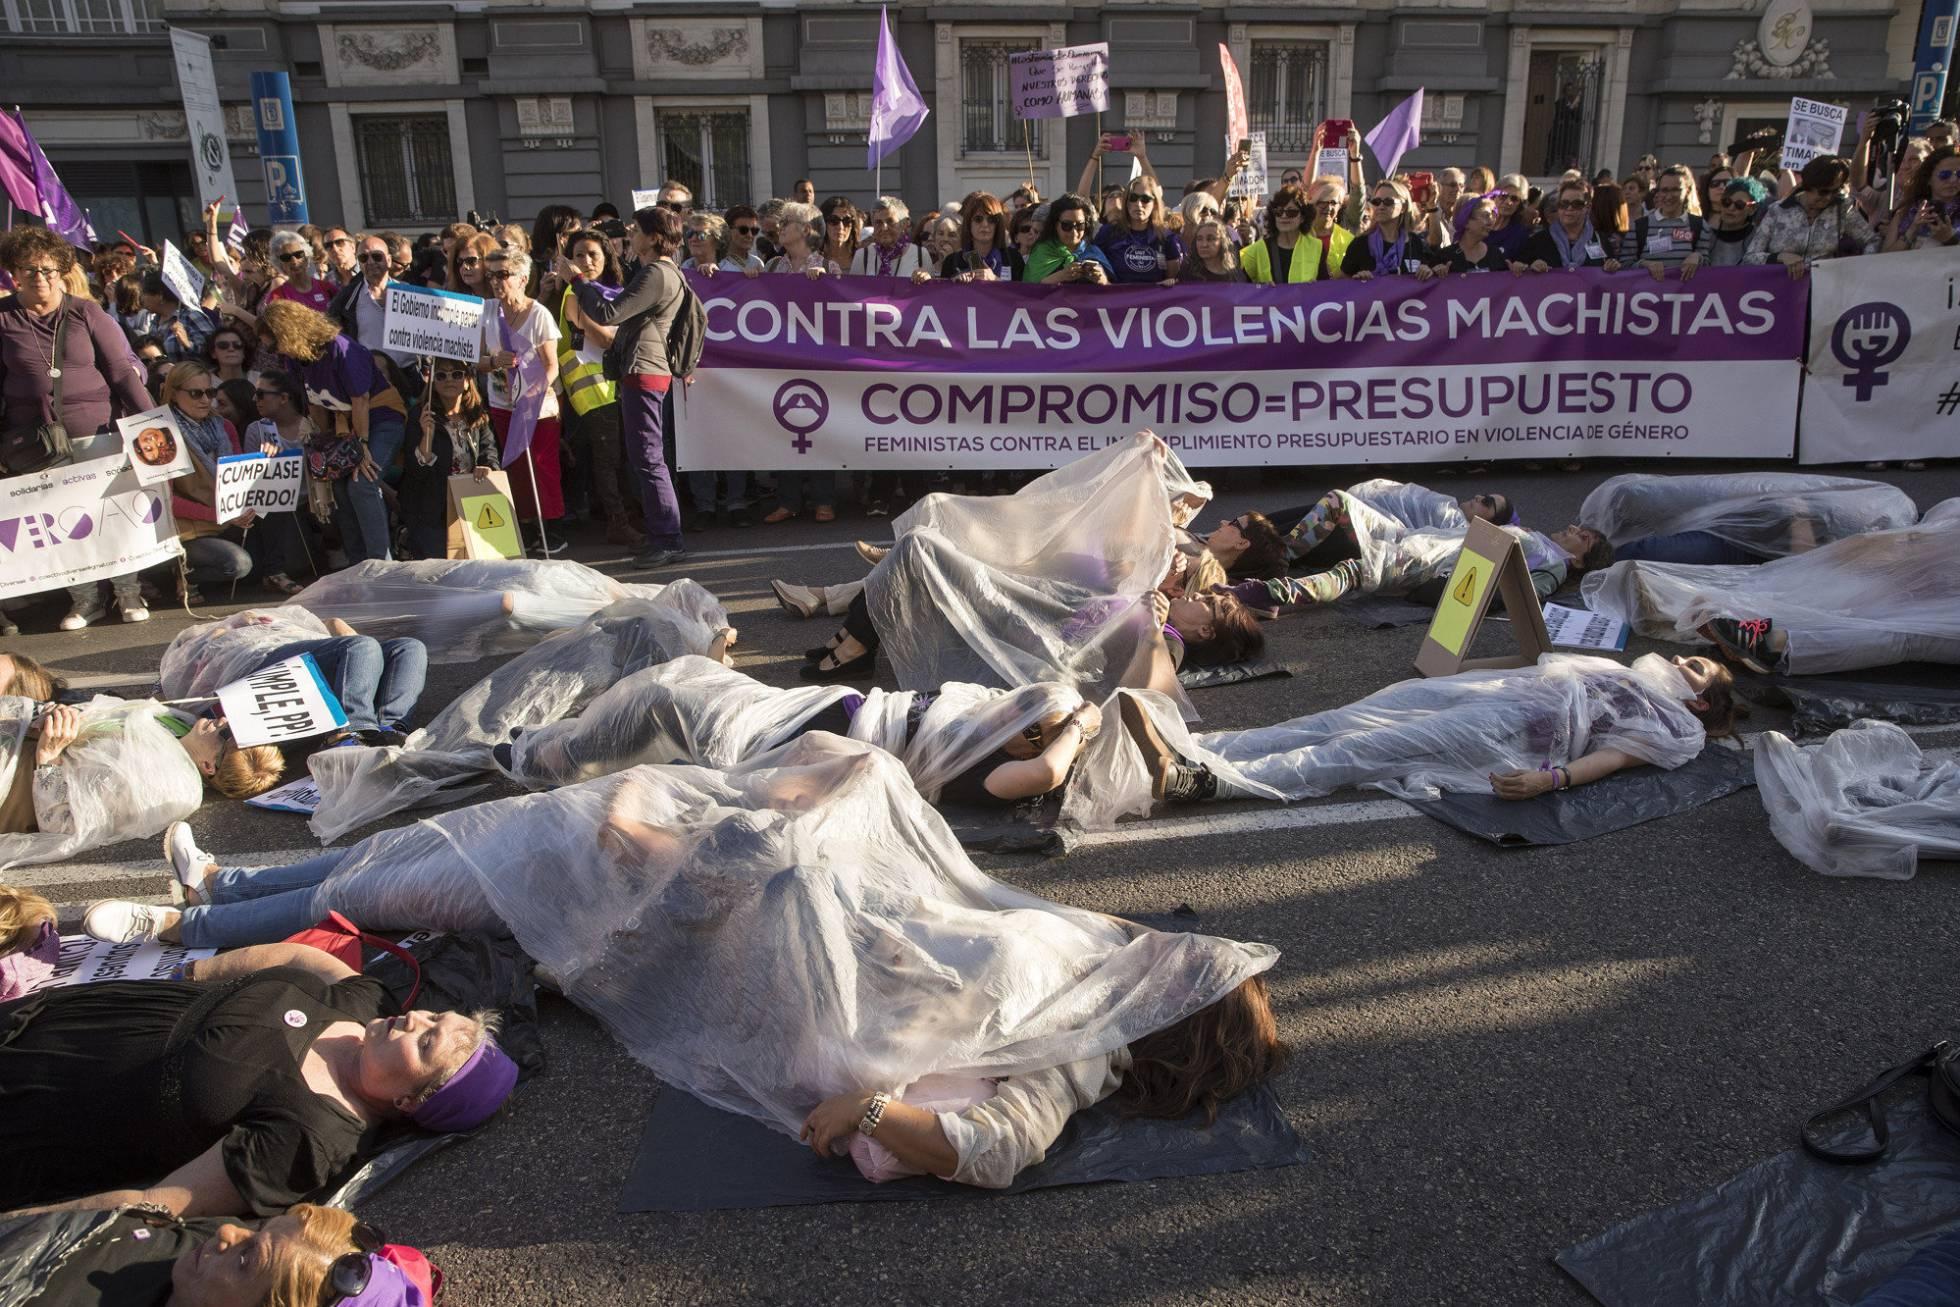 Protesta por la falta de presupuestos para el Pacto de Estado contra la Violencia de Genero, el pasado mayo. JULIAN ROJAS EL PAÍS